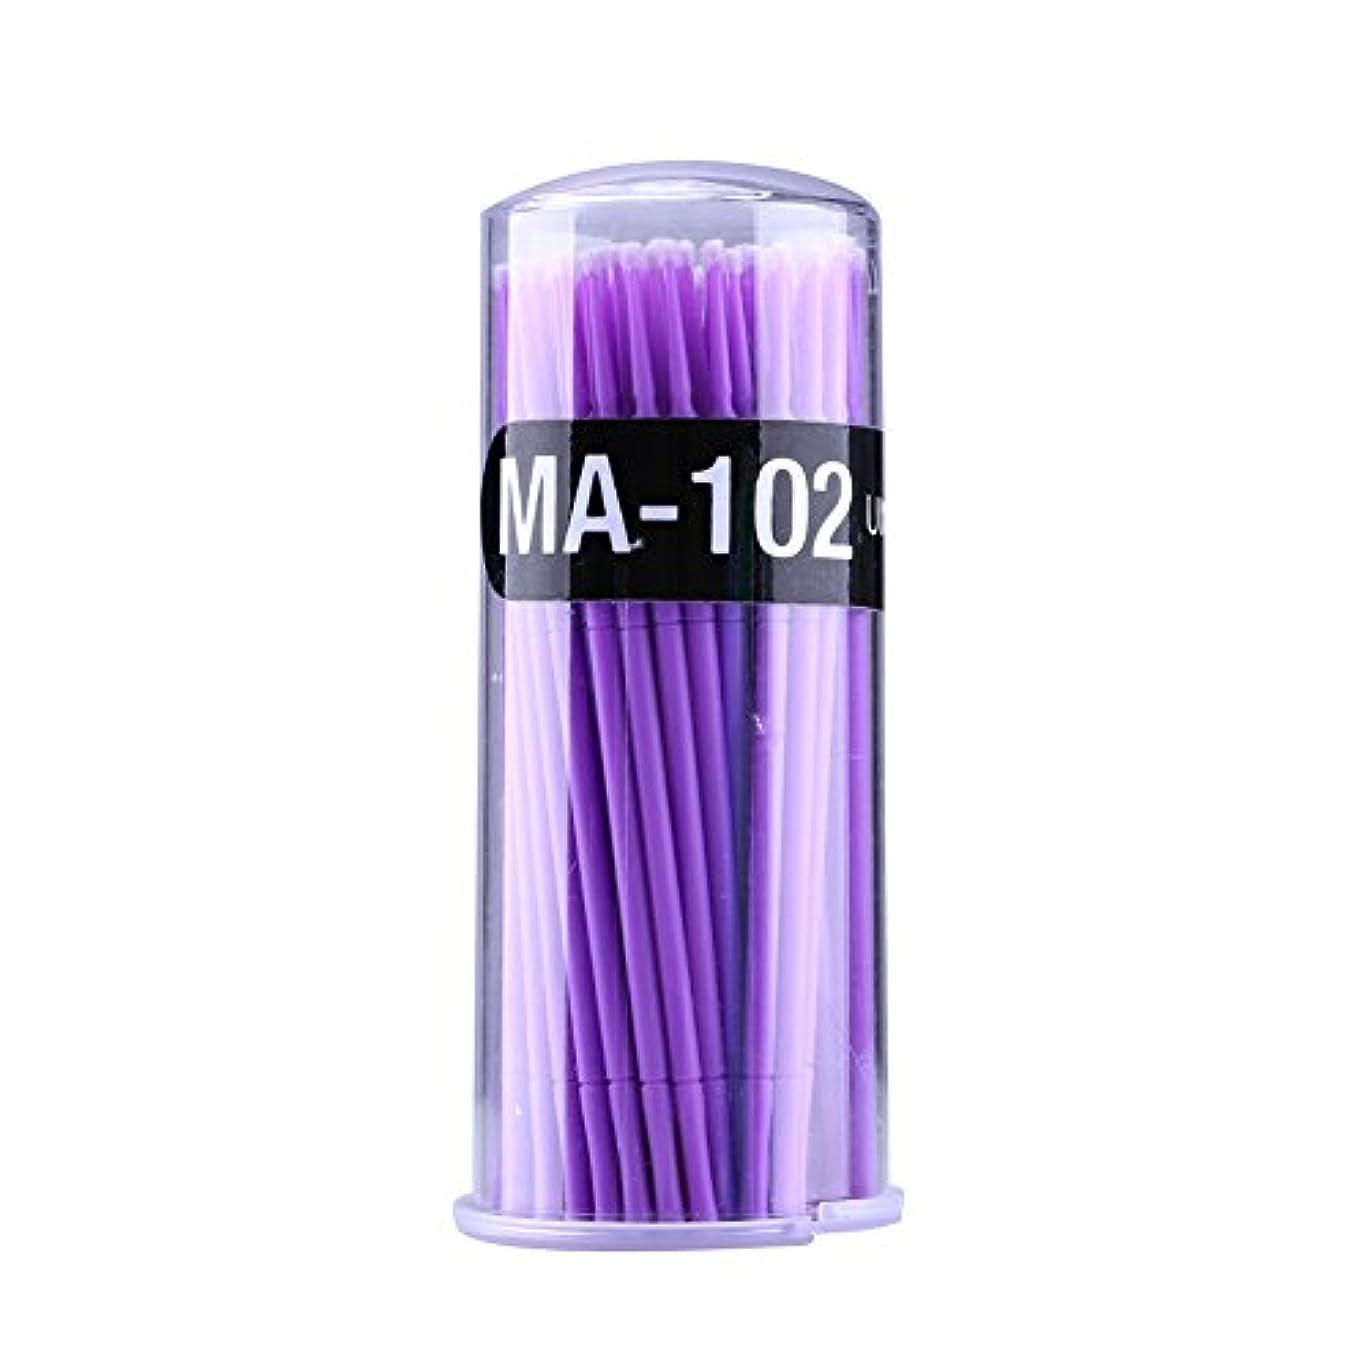 花輪偽装する費用マイクロブラシ - Delaman つ毛ブラシ、まつげ、使い捨て、睫用、先端曲げ、アプリケータエクステンション メイクブラシ、100個入り (色 : Purple)